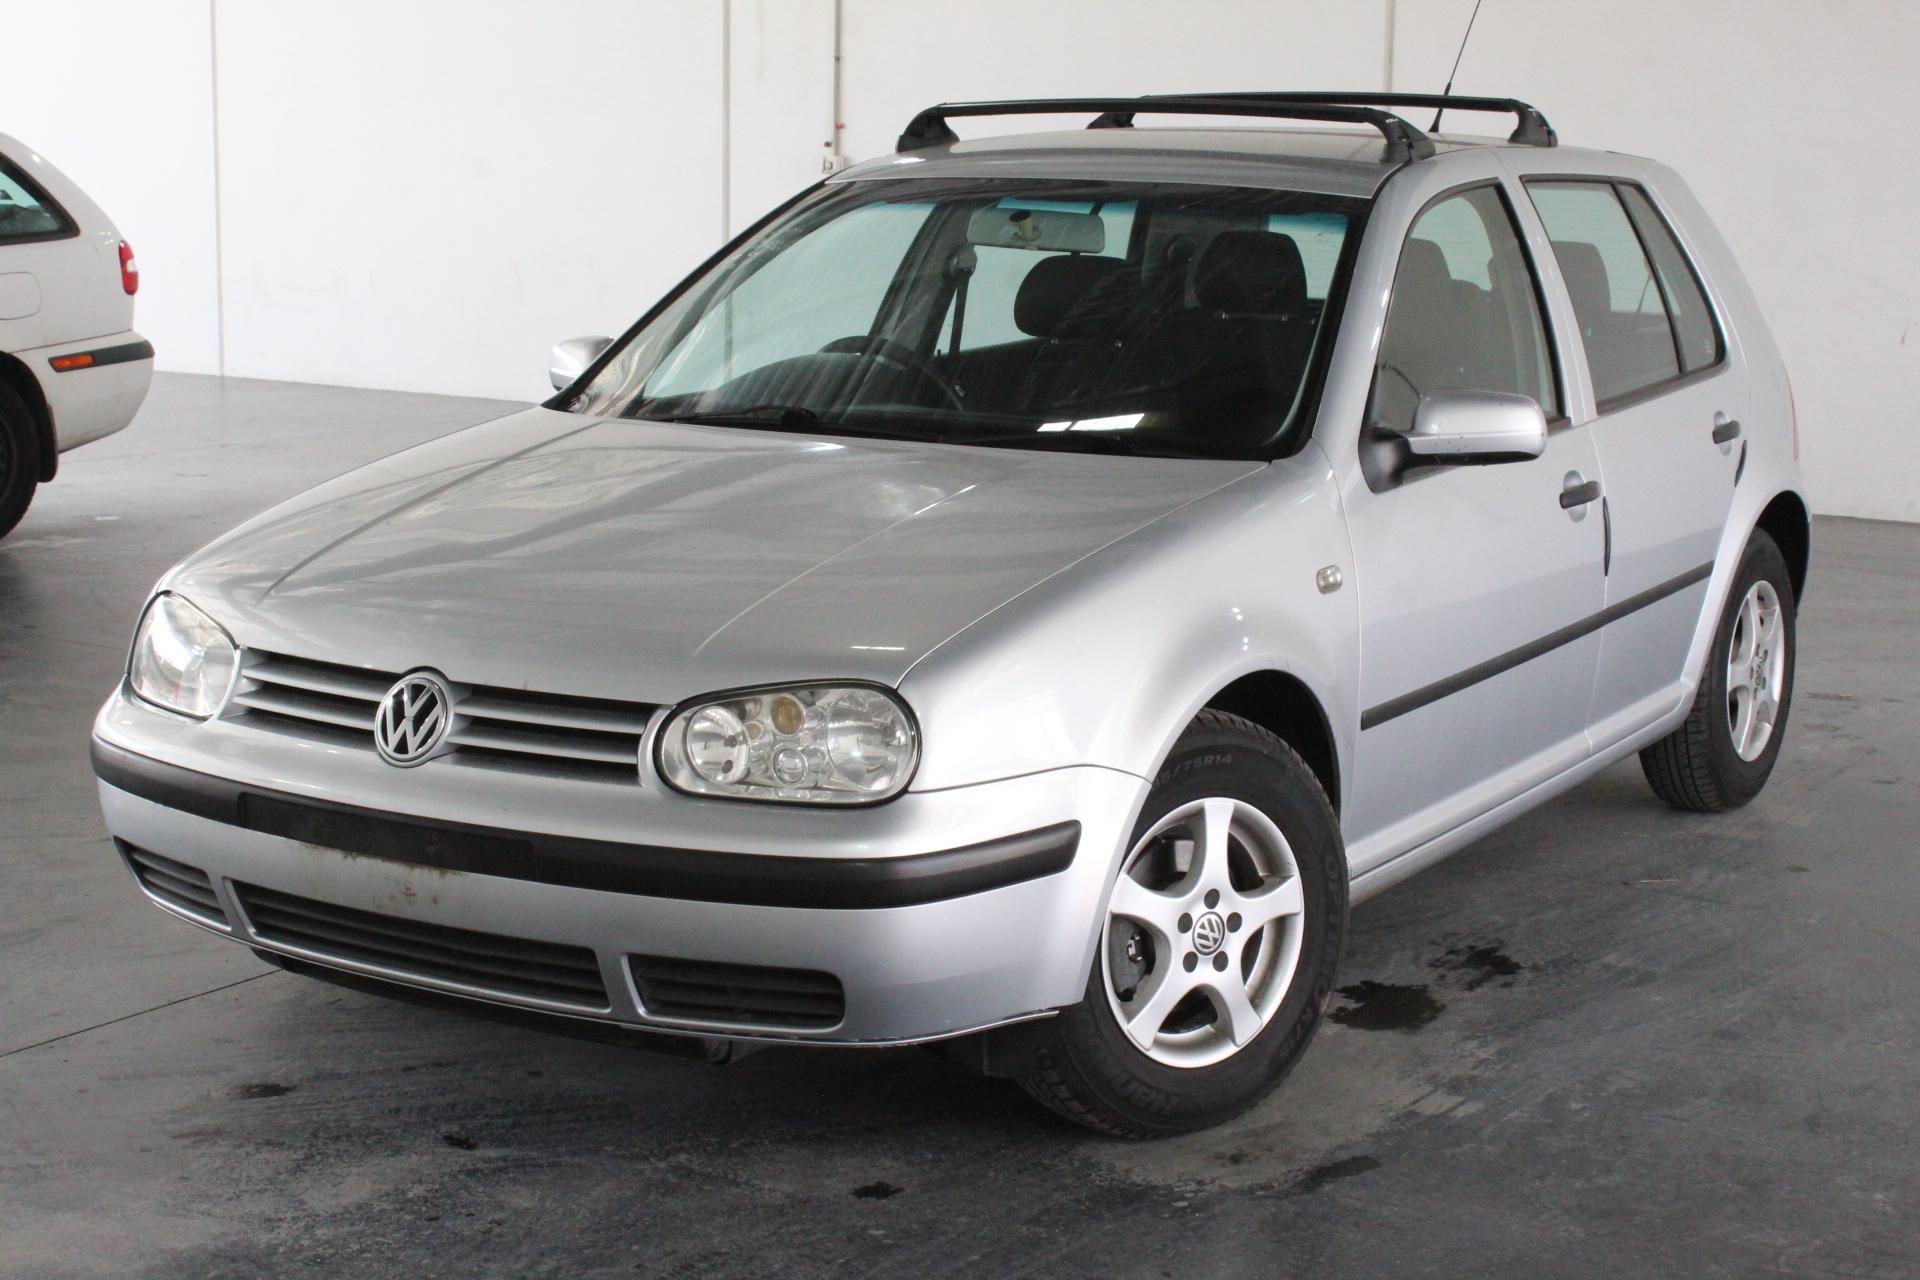 2000 Volkswagen Golf GL A4 Manual Hatchback